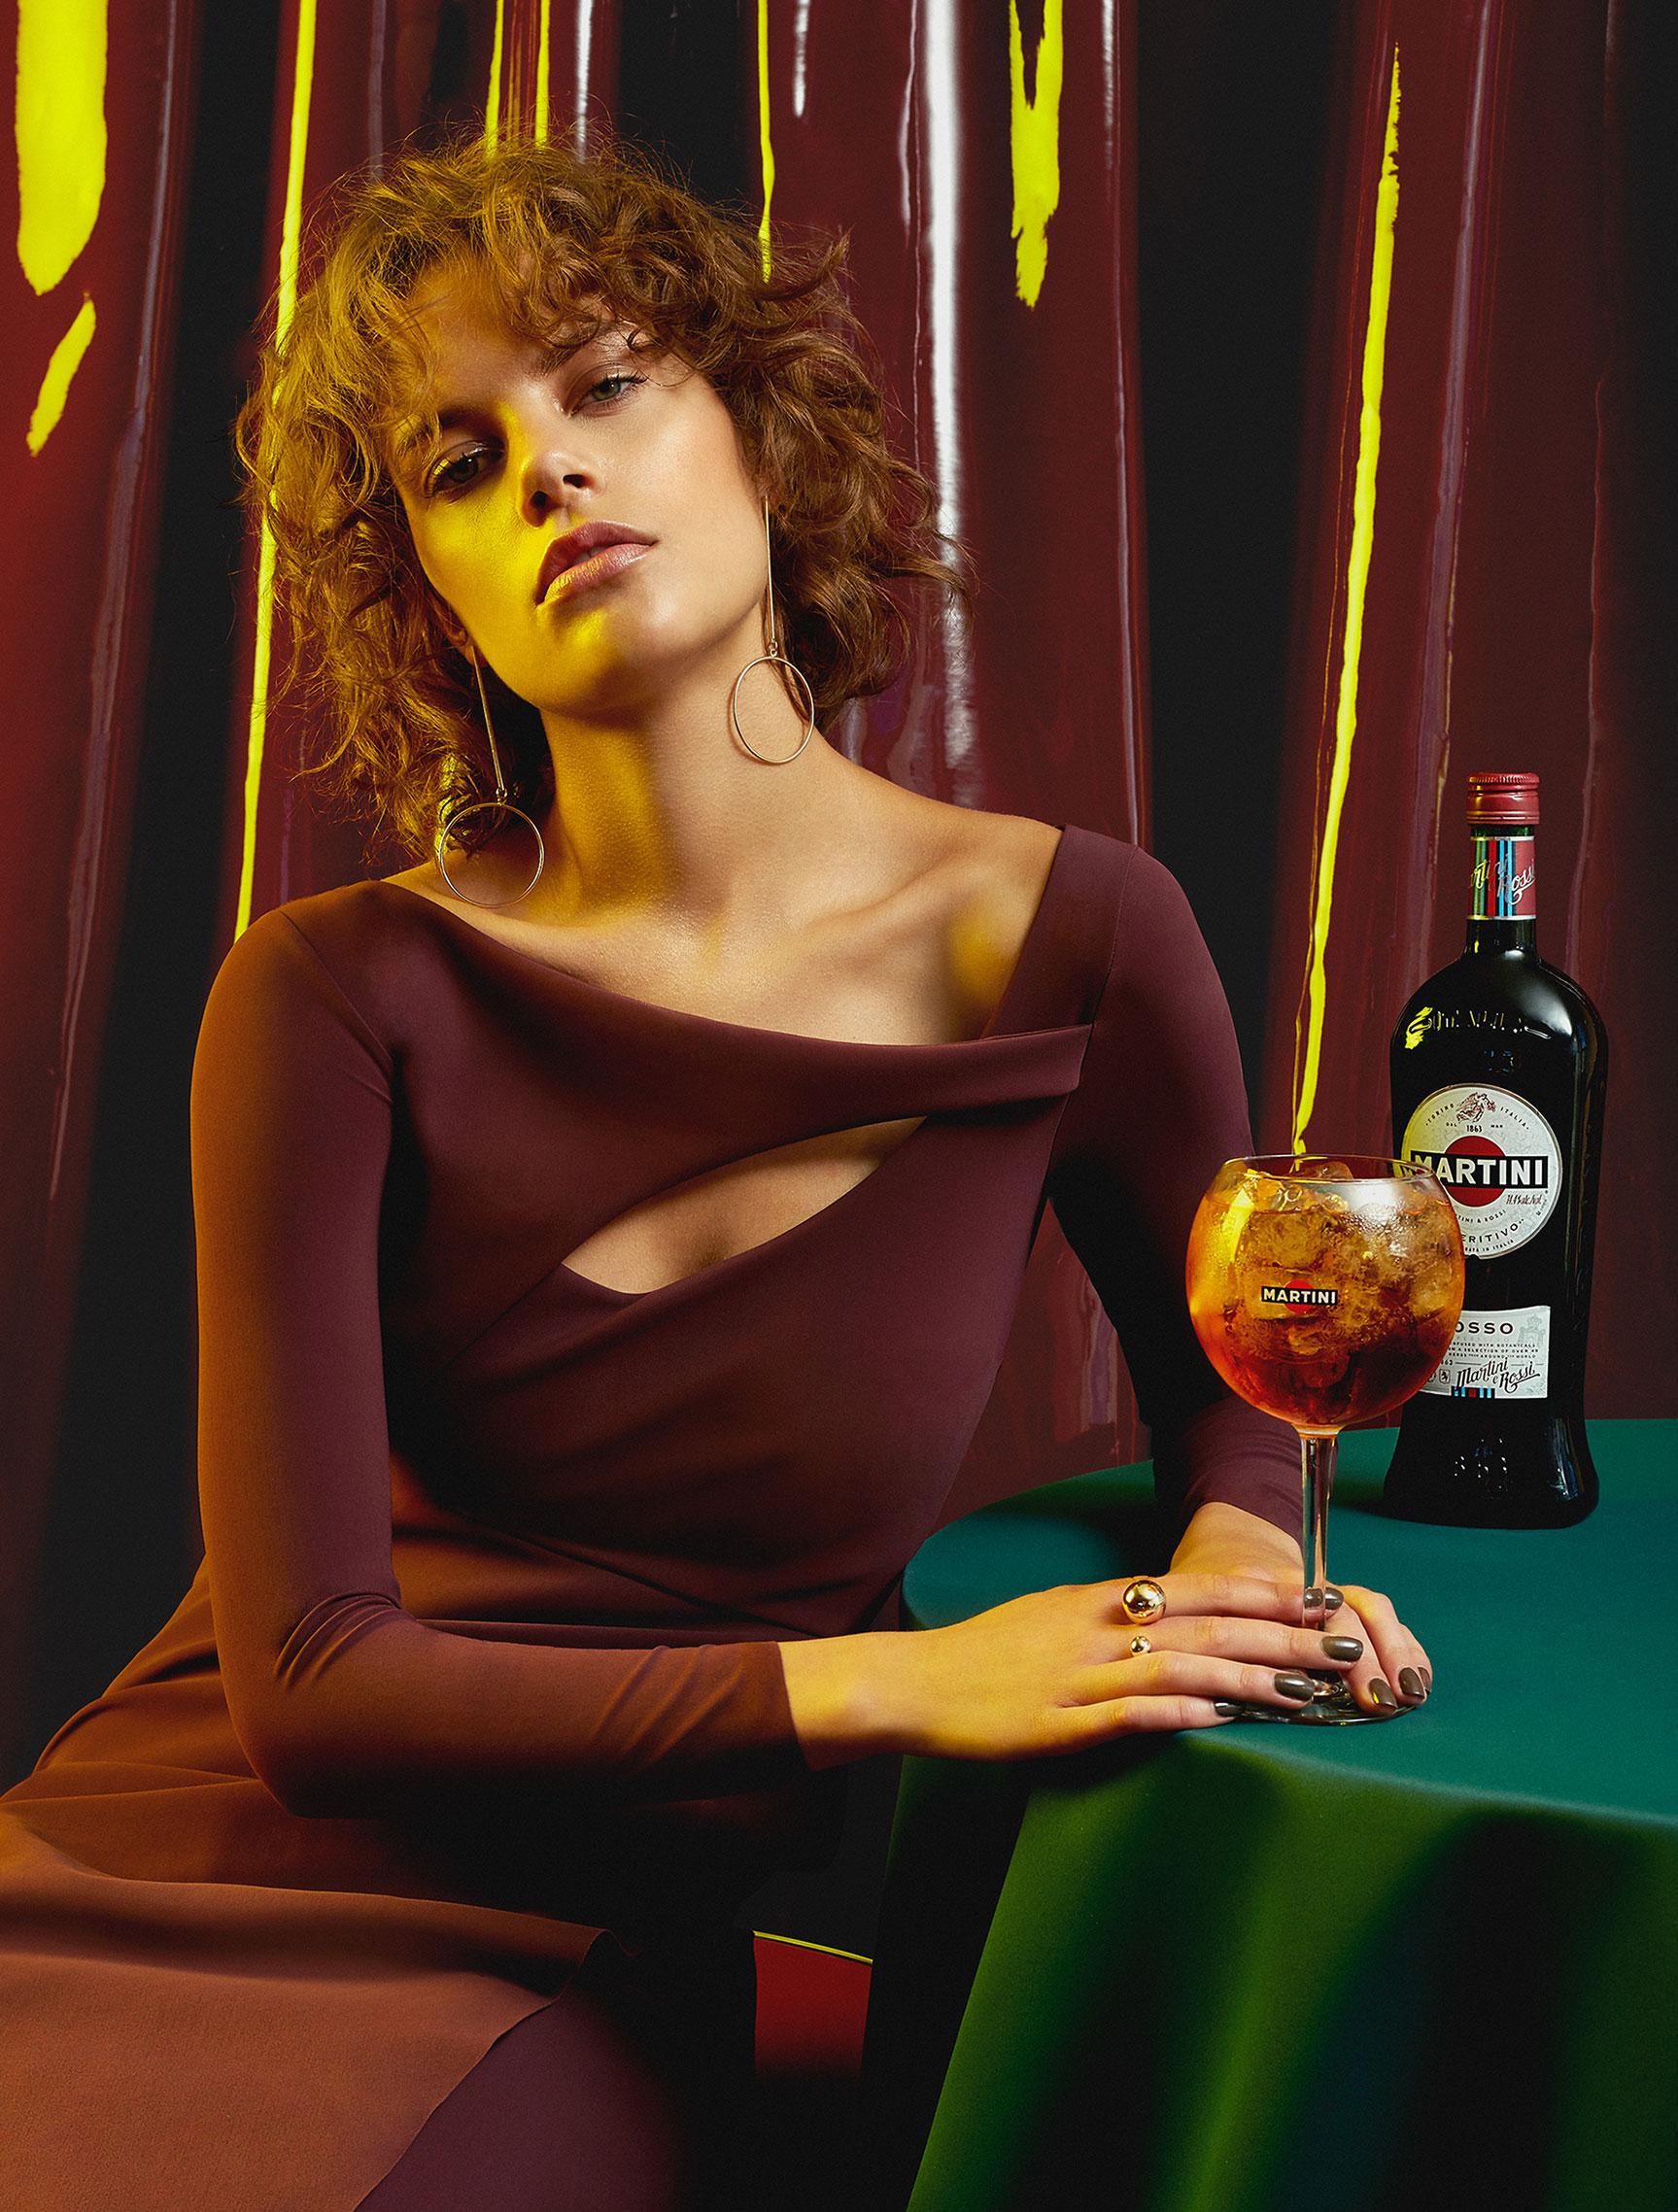 Пьем мартини вместе с красивой девушкой / фото 02